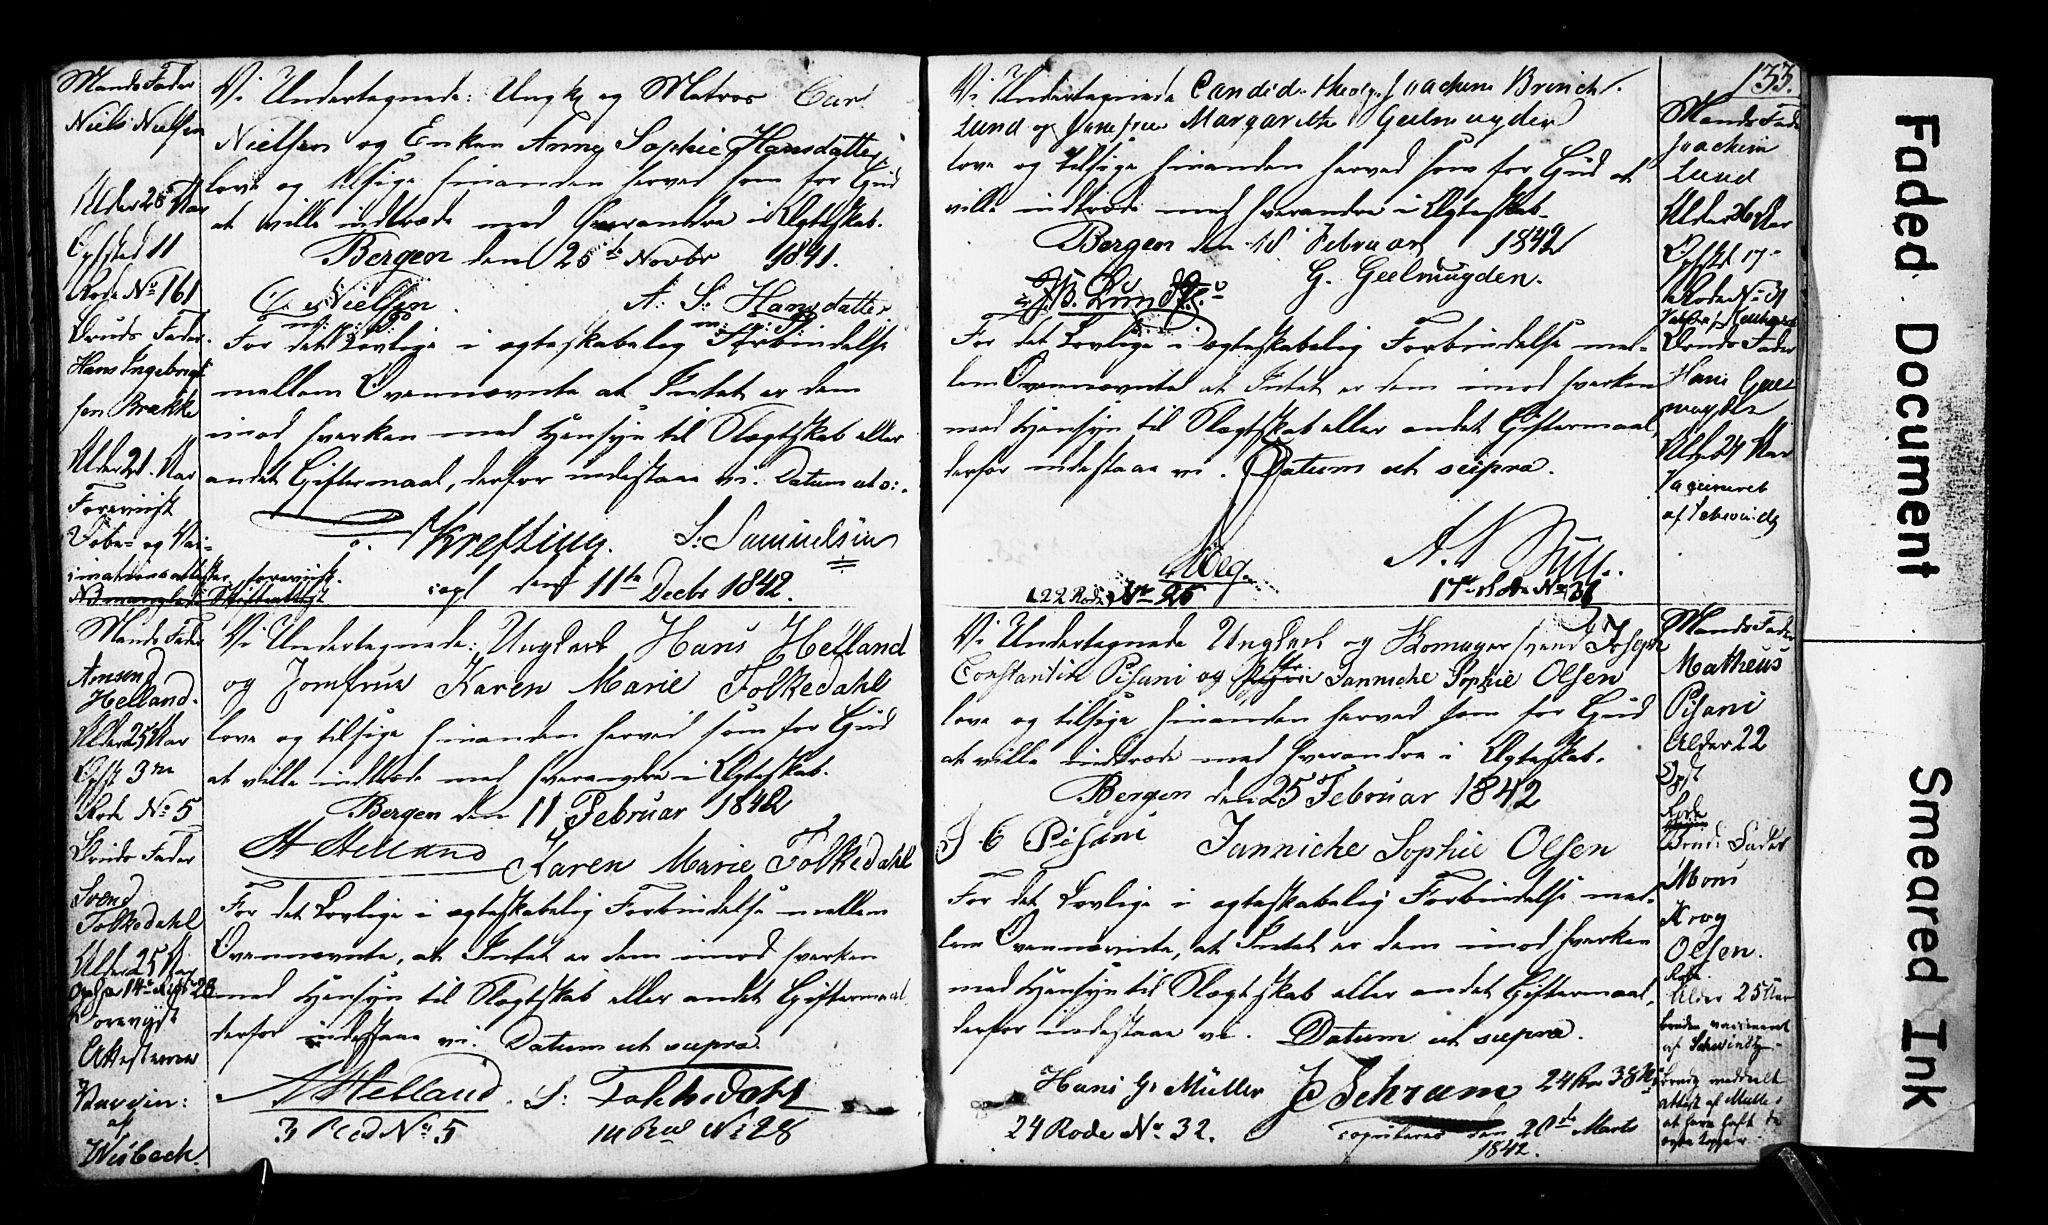 SAB, Domkirken Sokneprestembete, Forlovererklæringer nr. II.5.3, 1832-1845, s. 133